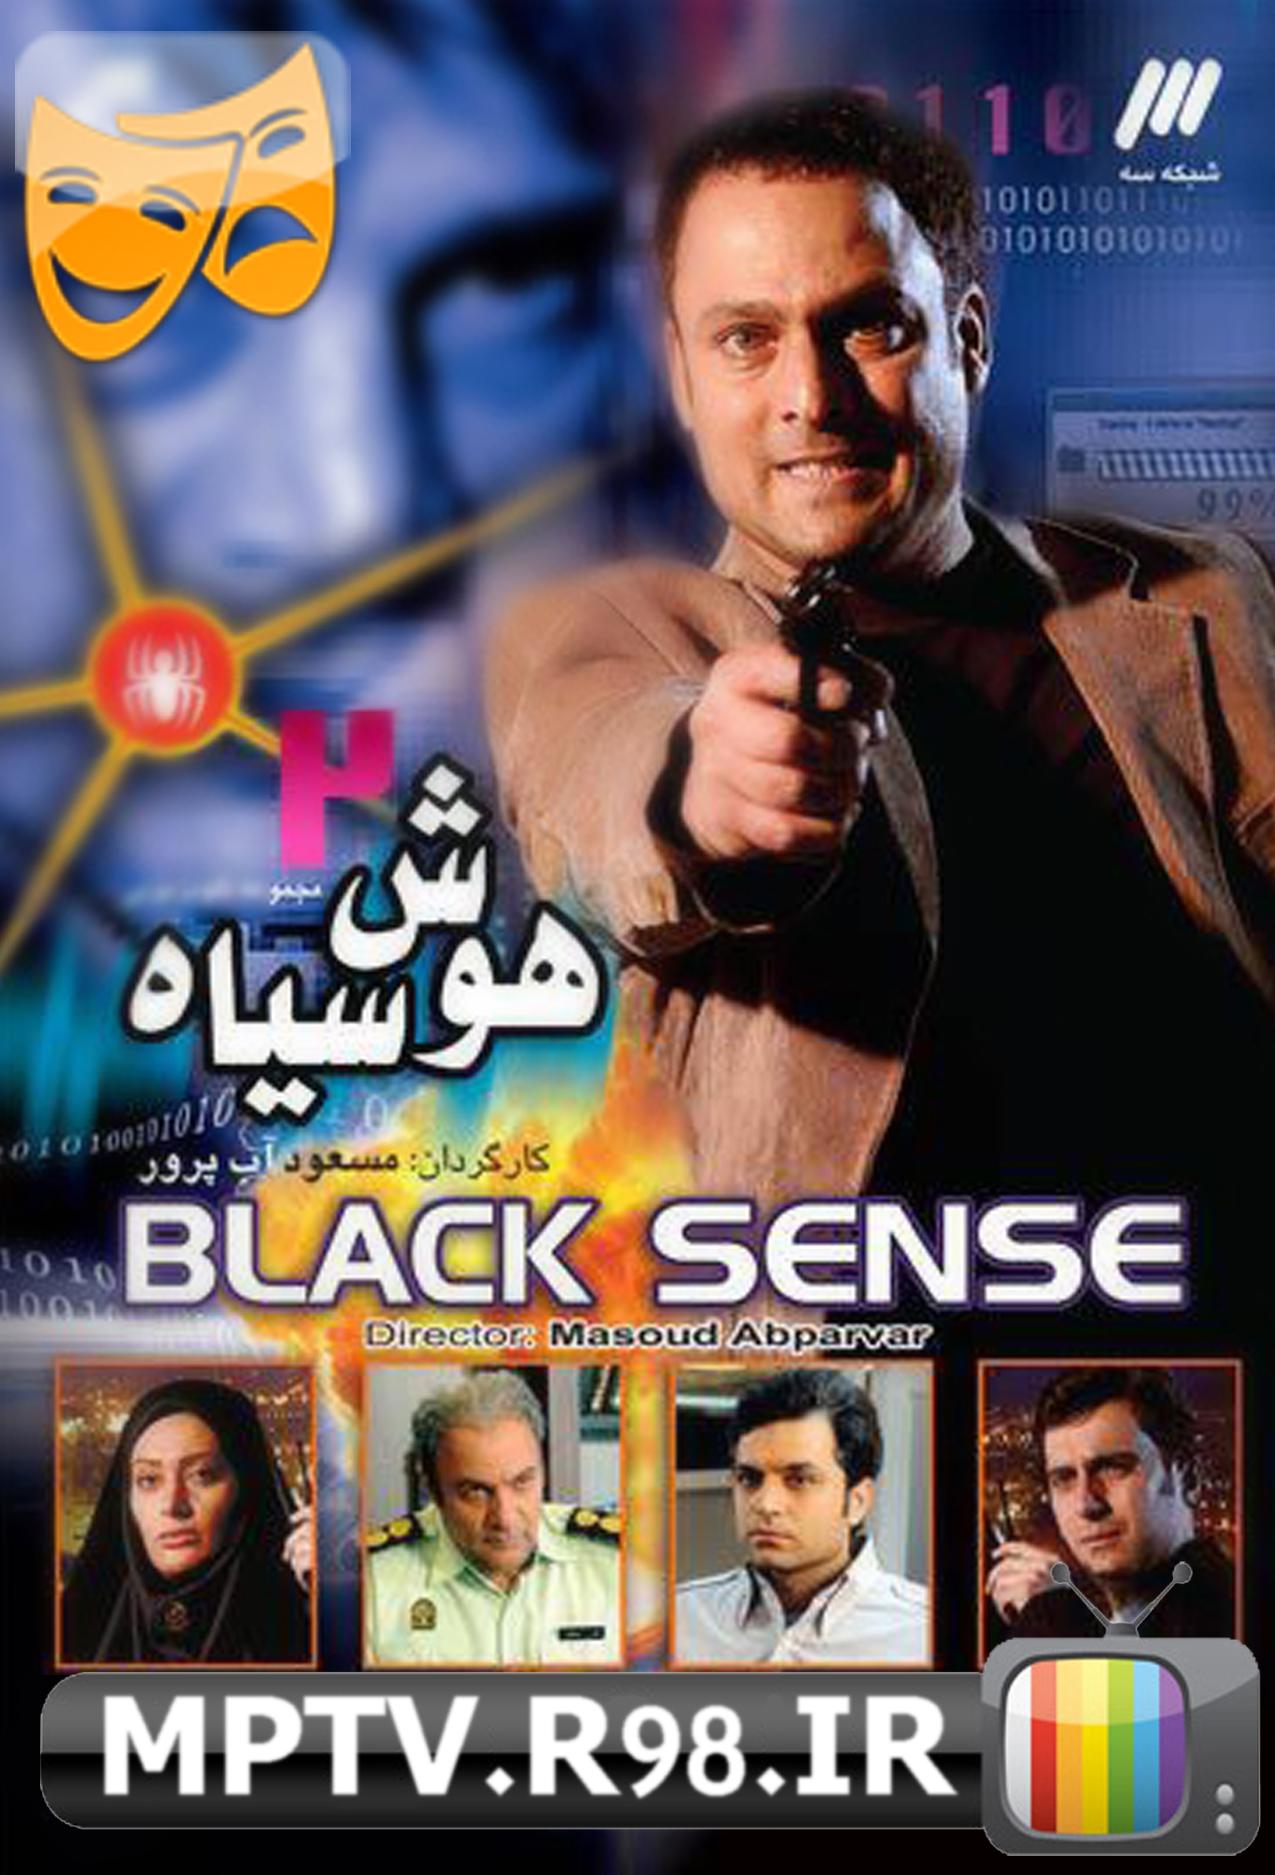 دانلود سریال هوش سیاه فصل دوم با لینک دانلود مستقیم از سایت ما